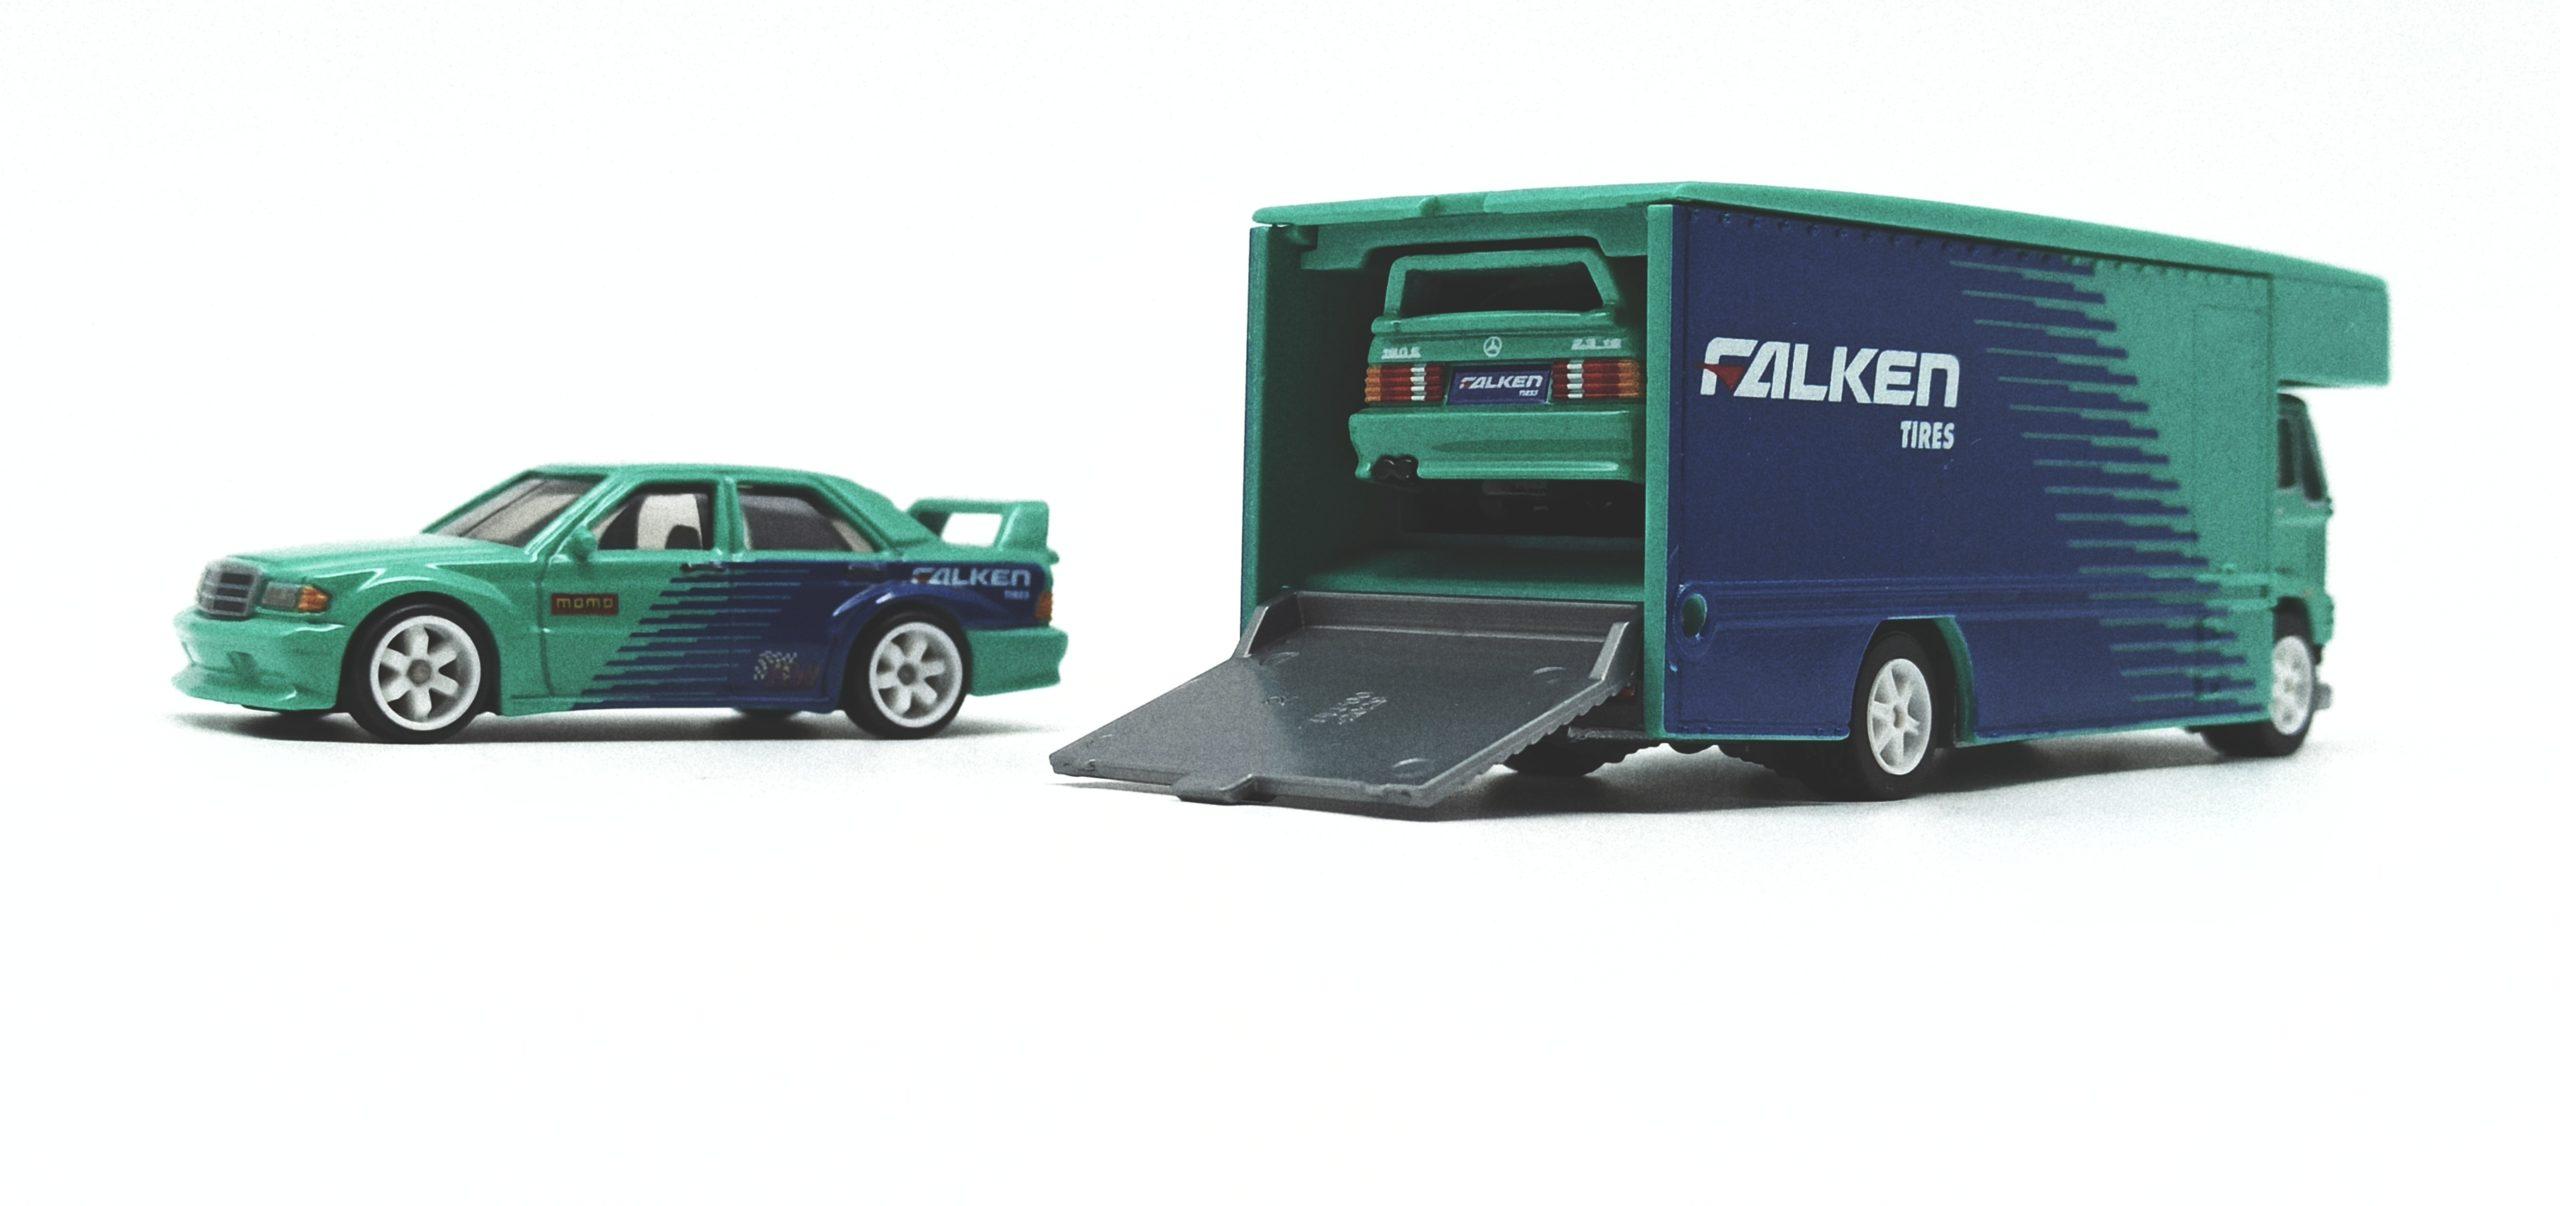 Hot Wheels Fleet Flyer + Mercedes Benz 190E (FYT08) 2019 Car Culture Team Transport 10 (Mix 1) green and blue (Falken) Wheel Variation